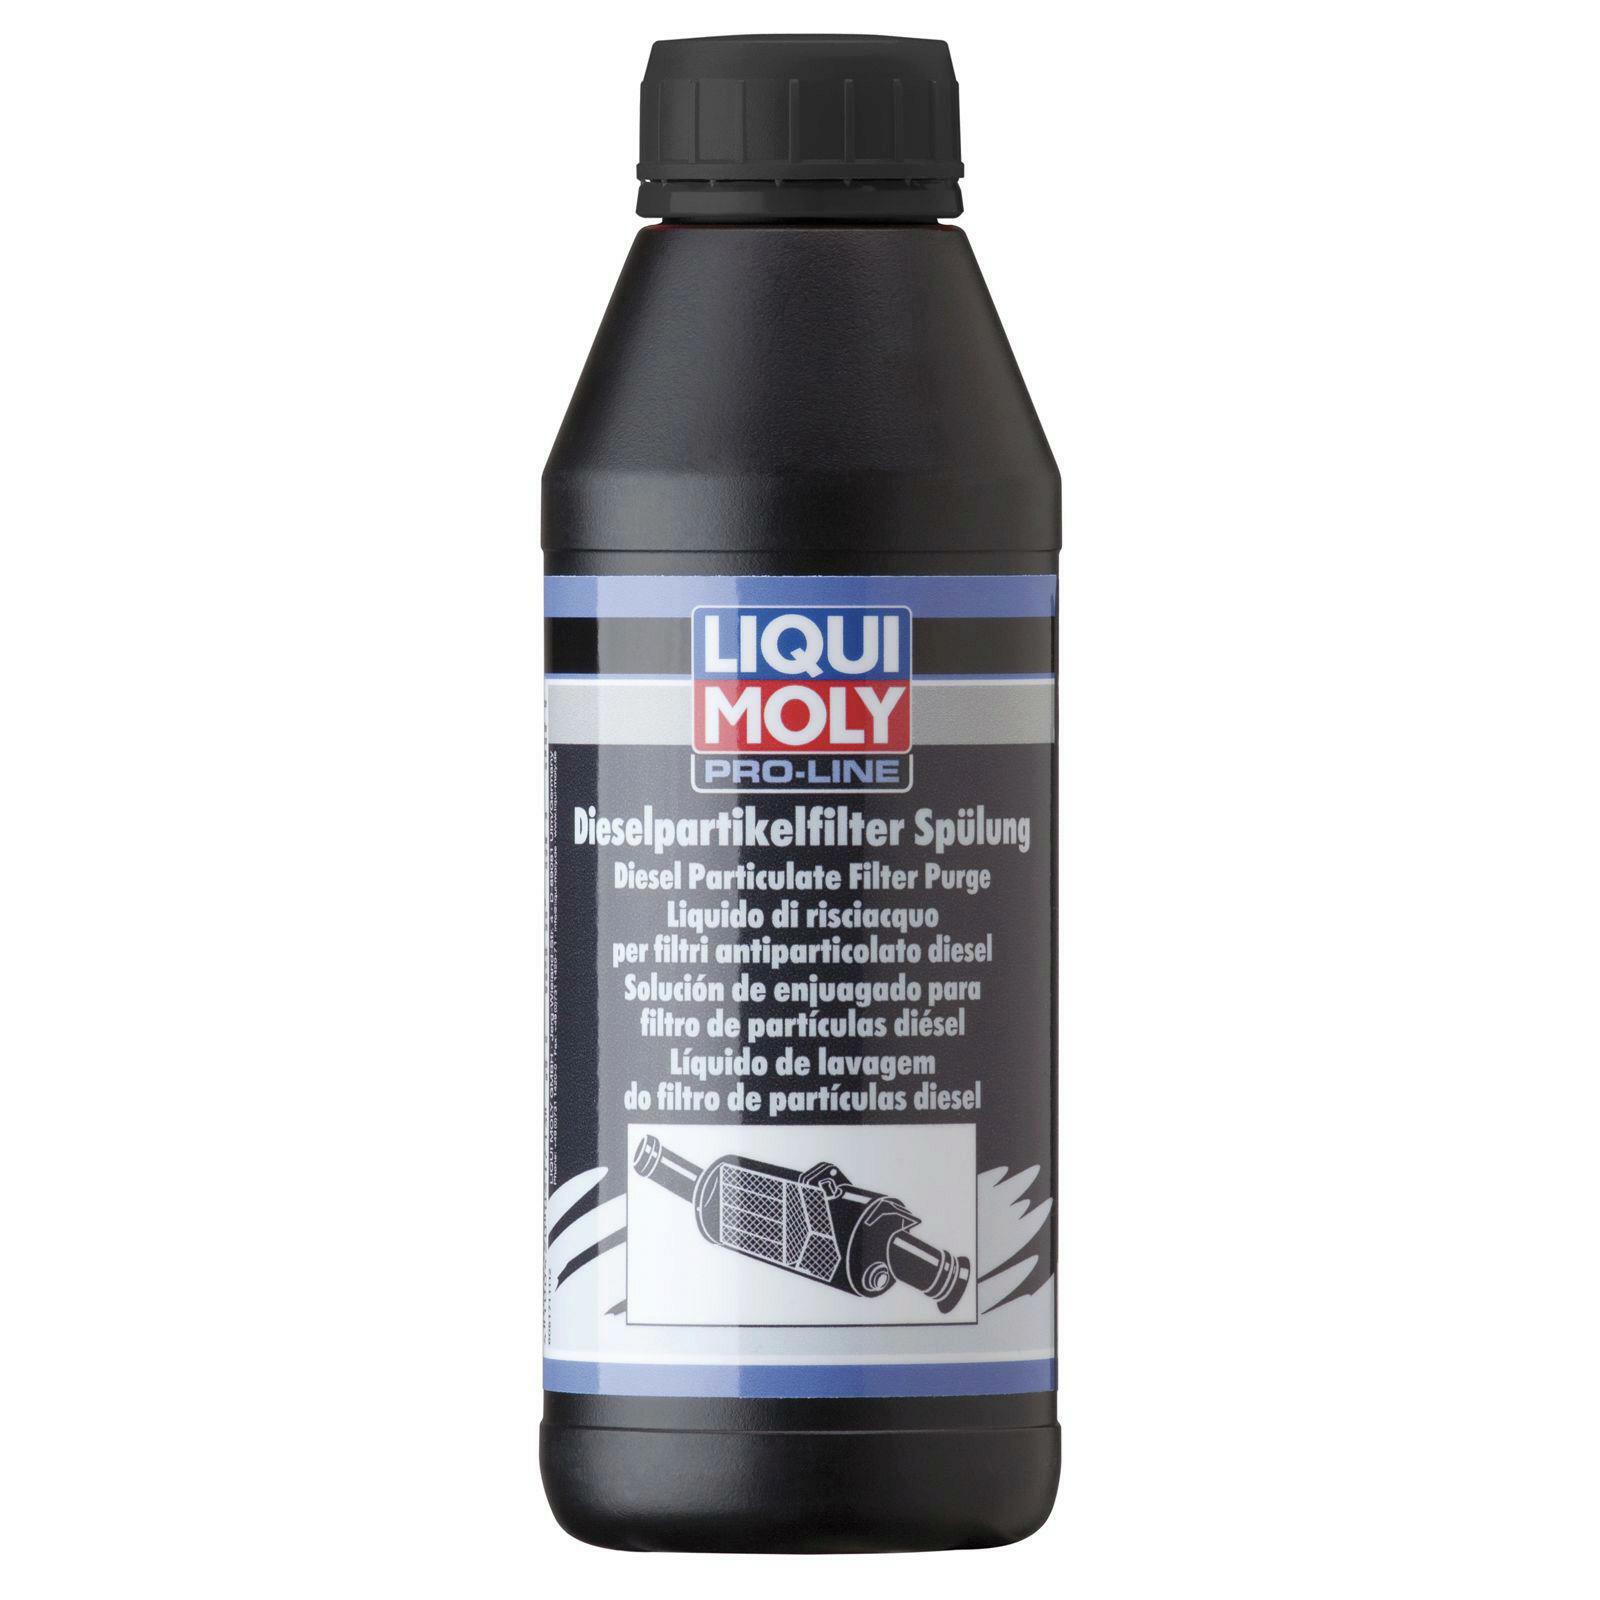 Liqui Moly Pro-Line Dieselpartikelfilter-Spühlung 500ml